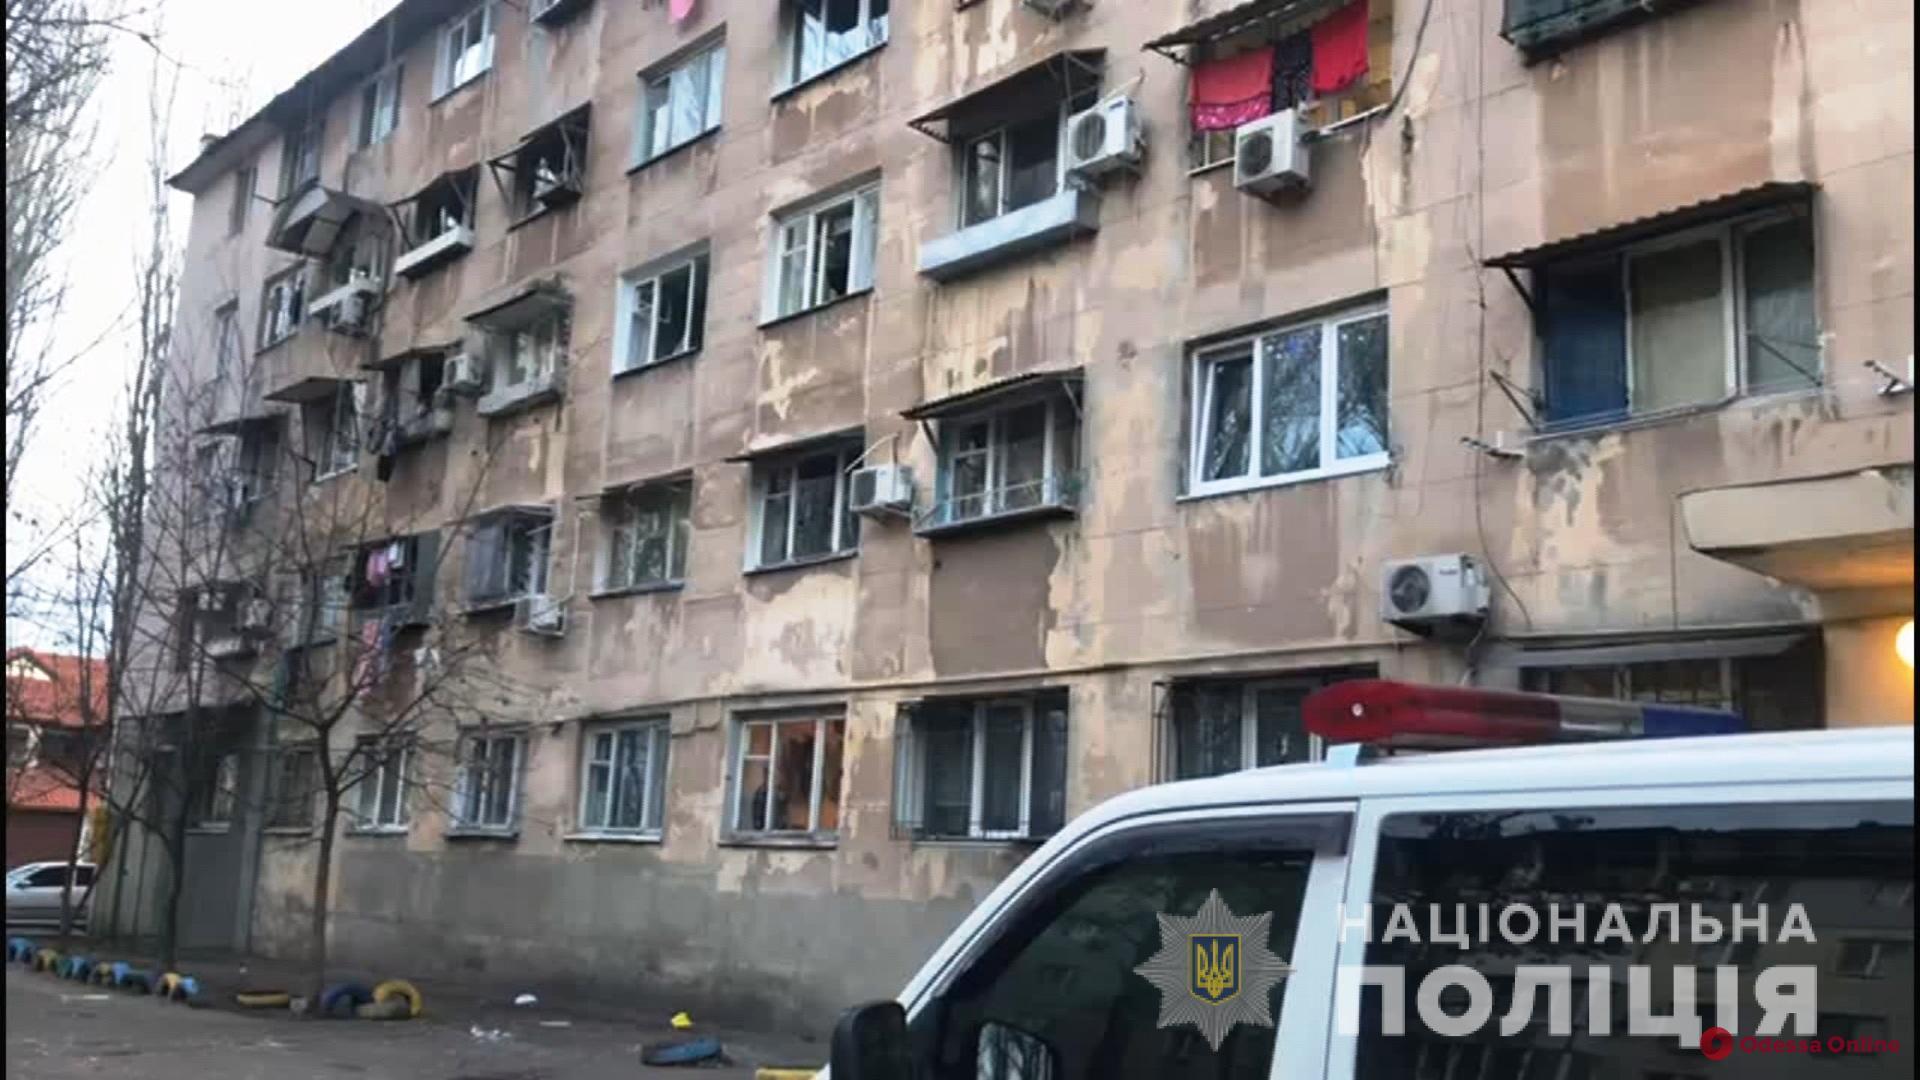 Полицейские задержали одессита, который подорвал гранатой соседей по общежитию